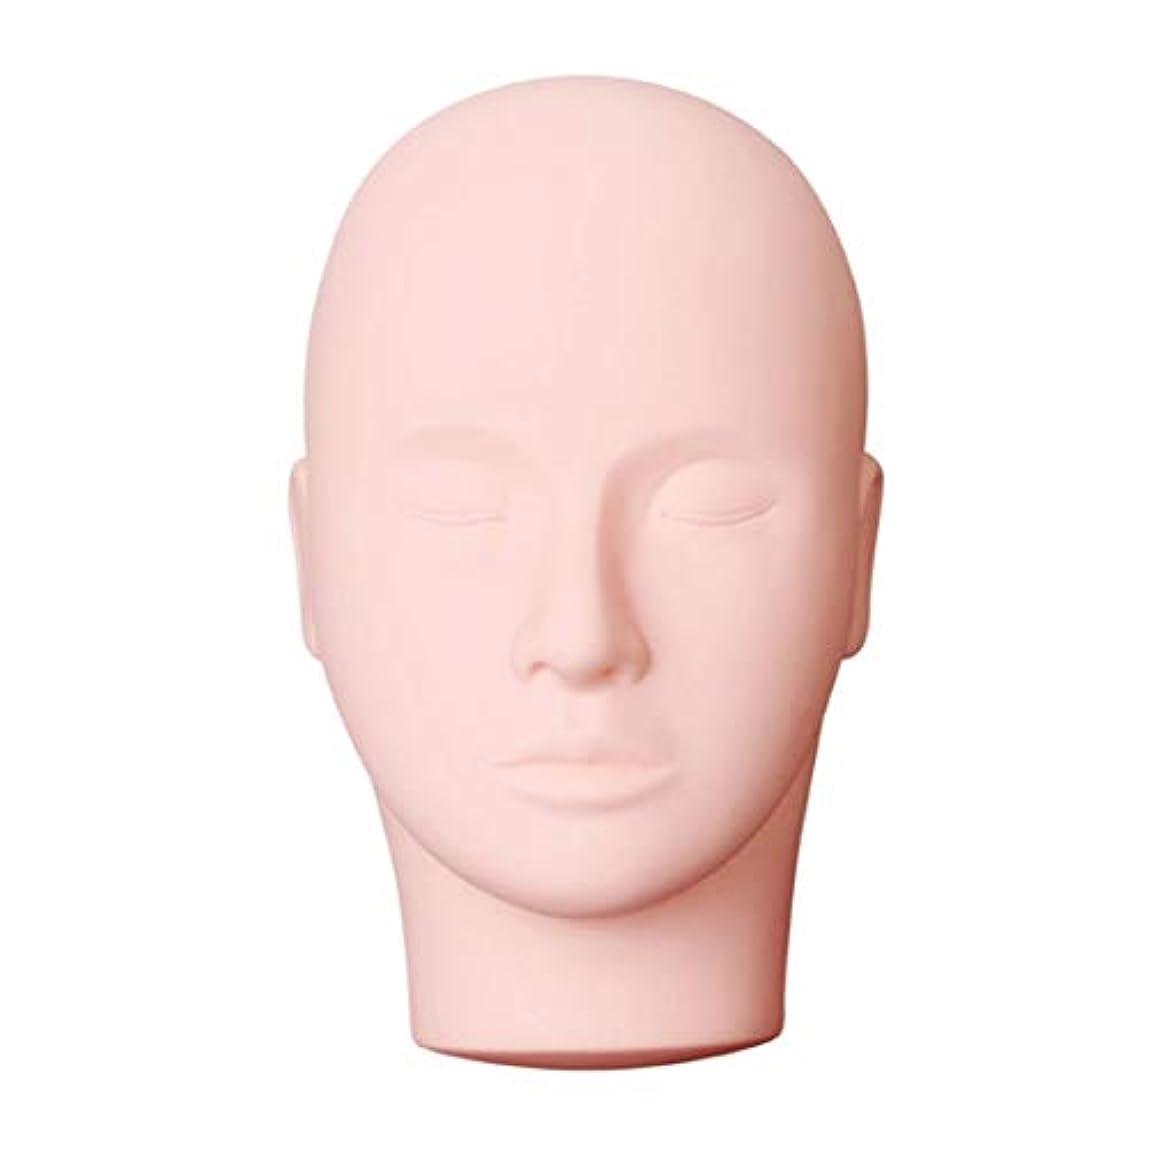 最後の浮浪者申し立てる美容メイクアップまつげ練習マネキンプロマッサージ化粧トレーニング美容マネキン人形顔頭モデル (色:黒) (PandaW)